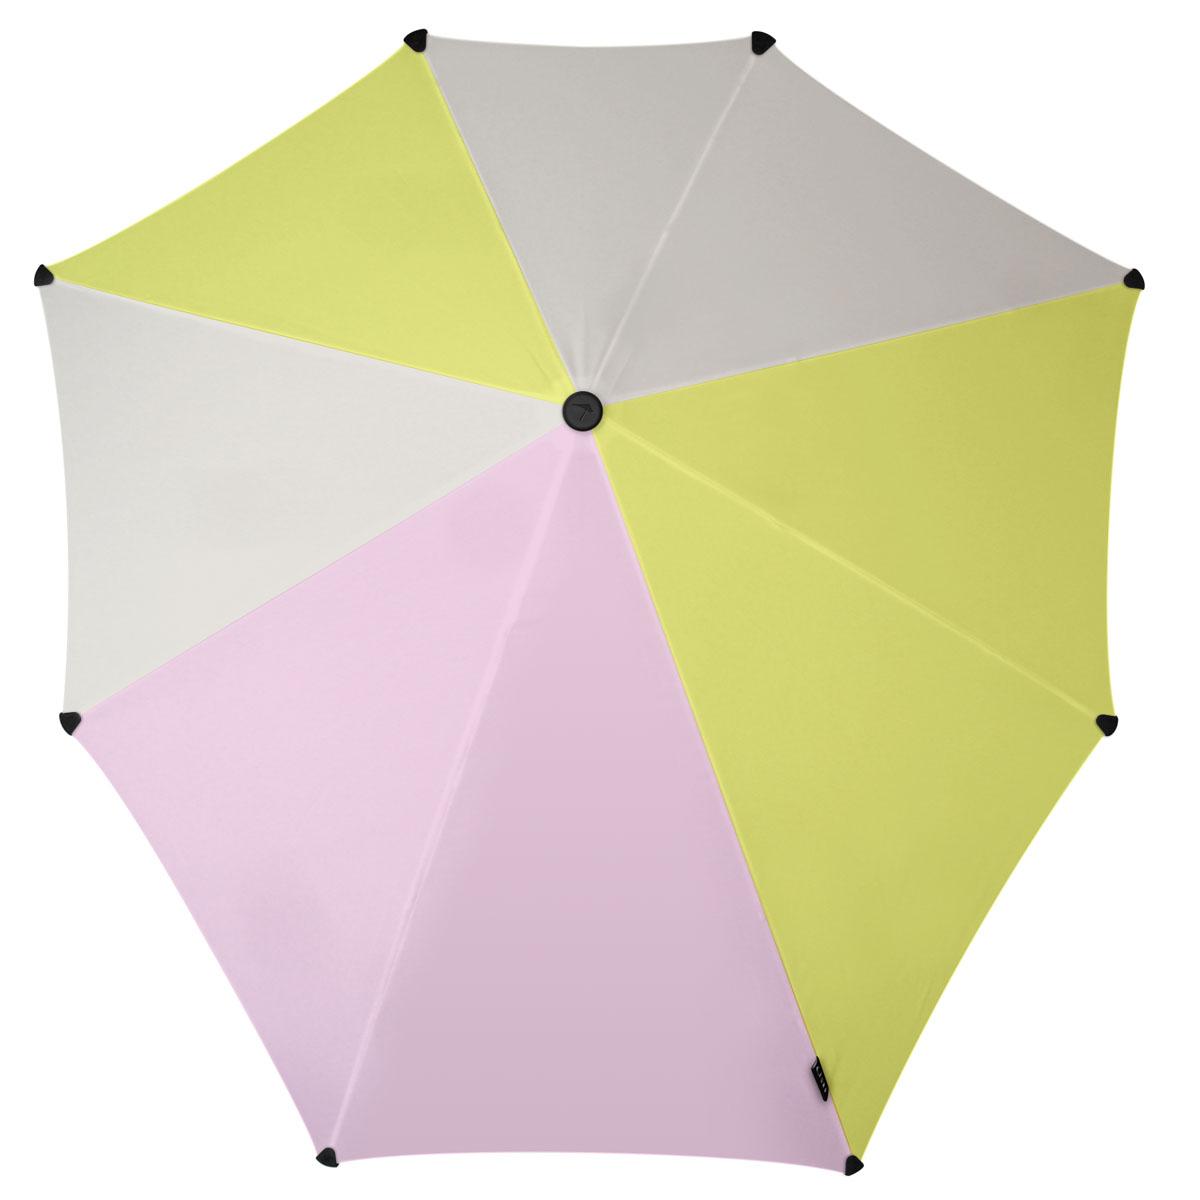 Зонт-трость Senz, цвет: серый, салатовый, розовый. 20110772011077Инновационный противоштормовый зонт, выдерживающий любую непогоду. Входит в коллекцию global playground, разработанную в соответствии с современными течениями fashion-индустрии. Вдохновением для дизайнеров стали улицы городов по всему земному шару. На новых принтах вы встретите уникальный микс всего, что мы открываем для себя во время путешествий: разнообразие оттенков, цветов, теней, линий и форм. Зонт Senz отлично дополнит образ, подчеркнет индивидуальность и вкус своего обладателя. Форма купола продумана так, что вы легко найдете самое удобное положение на ветру – без паники и без борьбы со стихией. Закрывает спину от дождя. Благодаря своей усовершенствованной конструкции, зонт не выворачивается наизнанку даже при сильном ветре. Модель Senz Original выдержала испытания в аэротрубе со скоростью ветра 100 км/ч. Характеристики: - тип — трость - выдерживает порывы ветра до 100 км/ч - УФ-защита 50+ - удобная мягкая ручка...